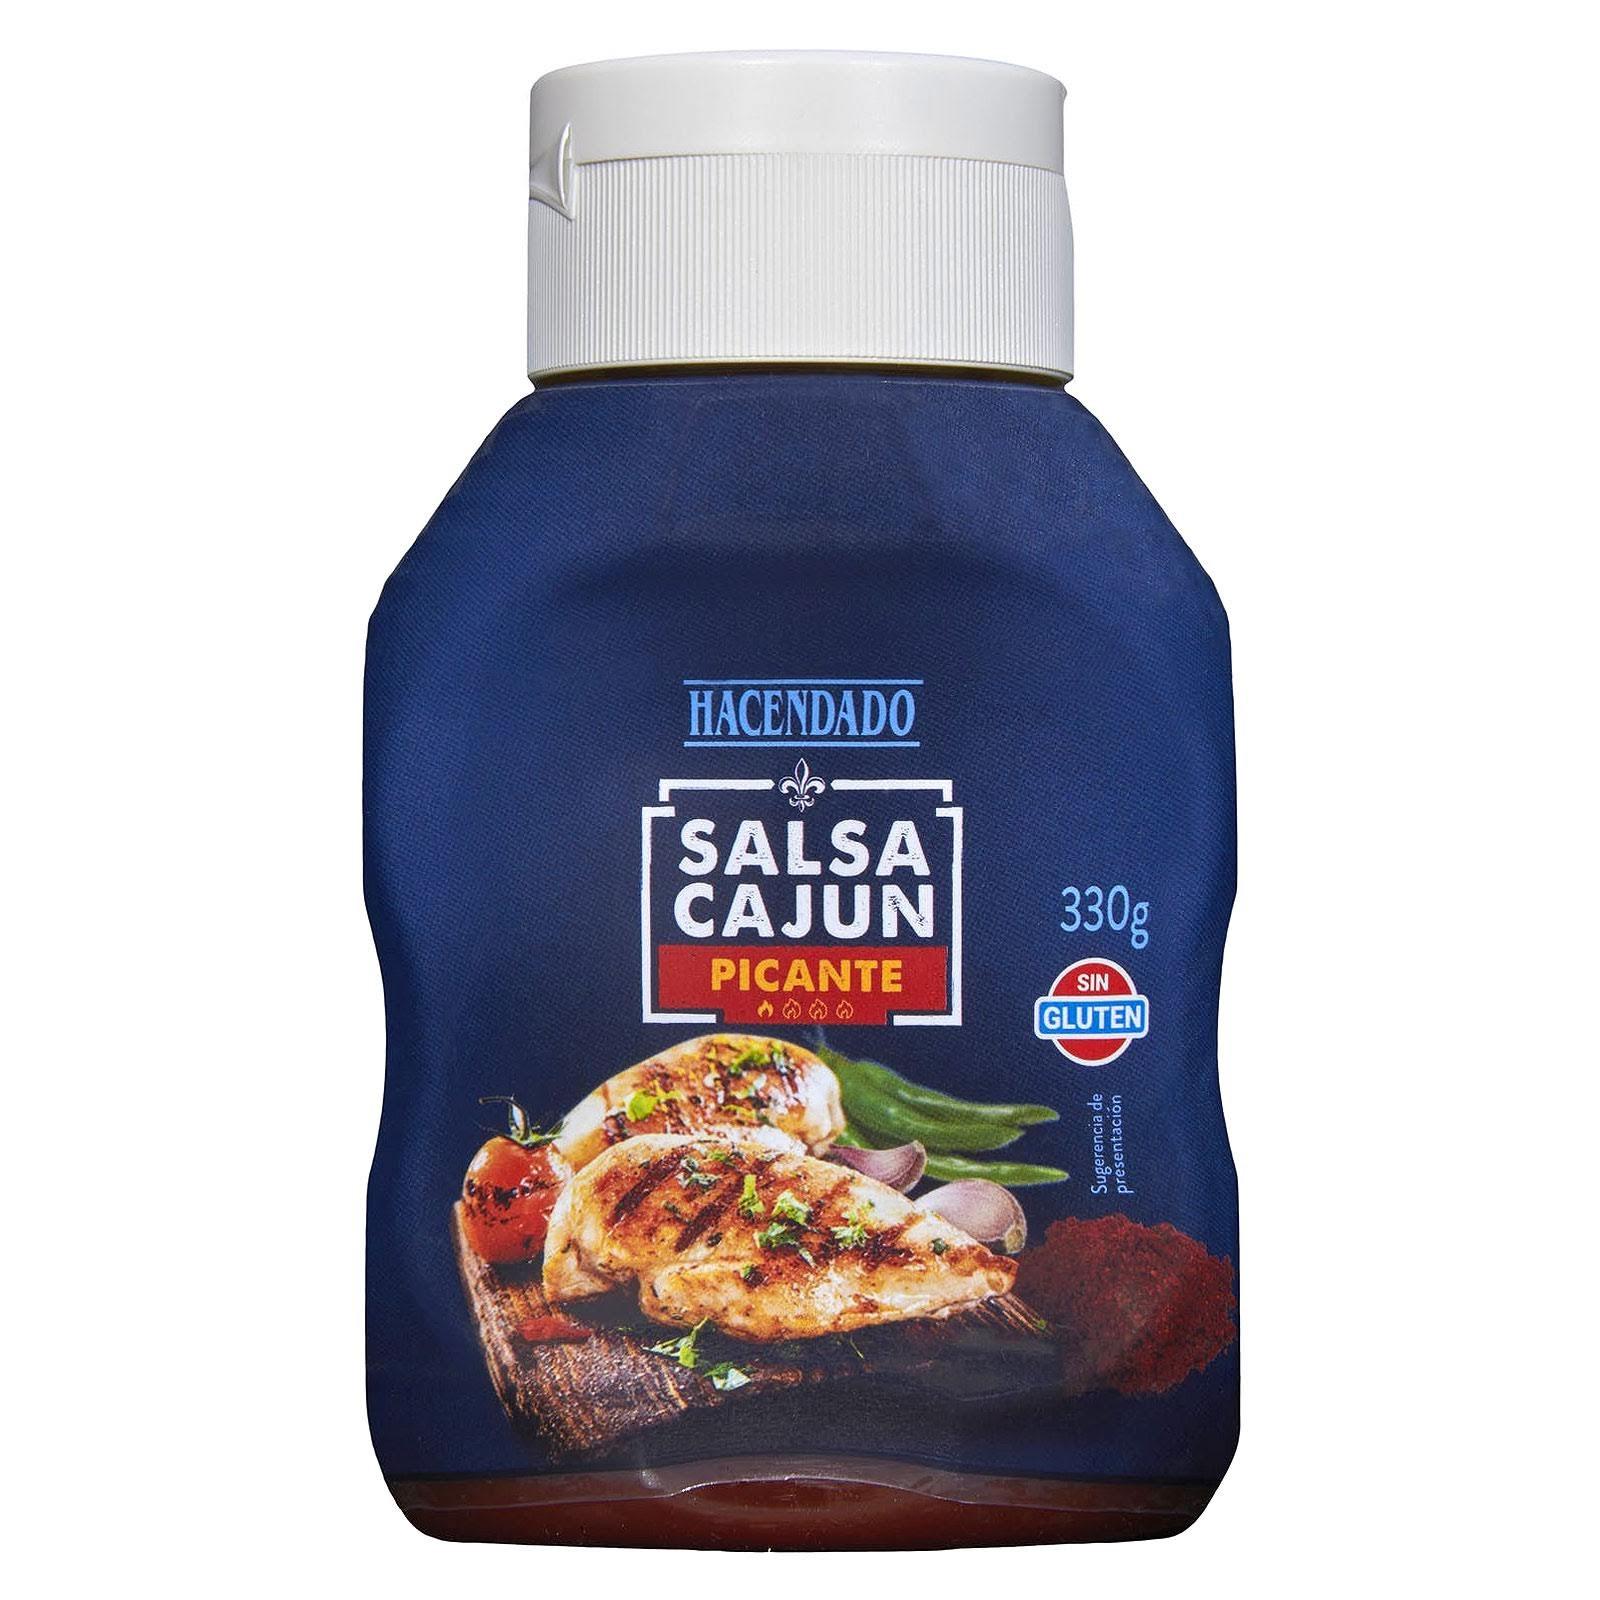 salsa-cajun-picante-hacendado-mercadona-1